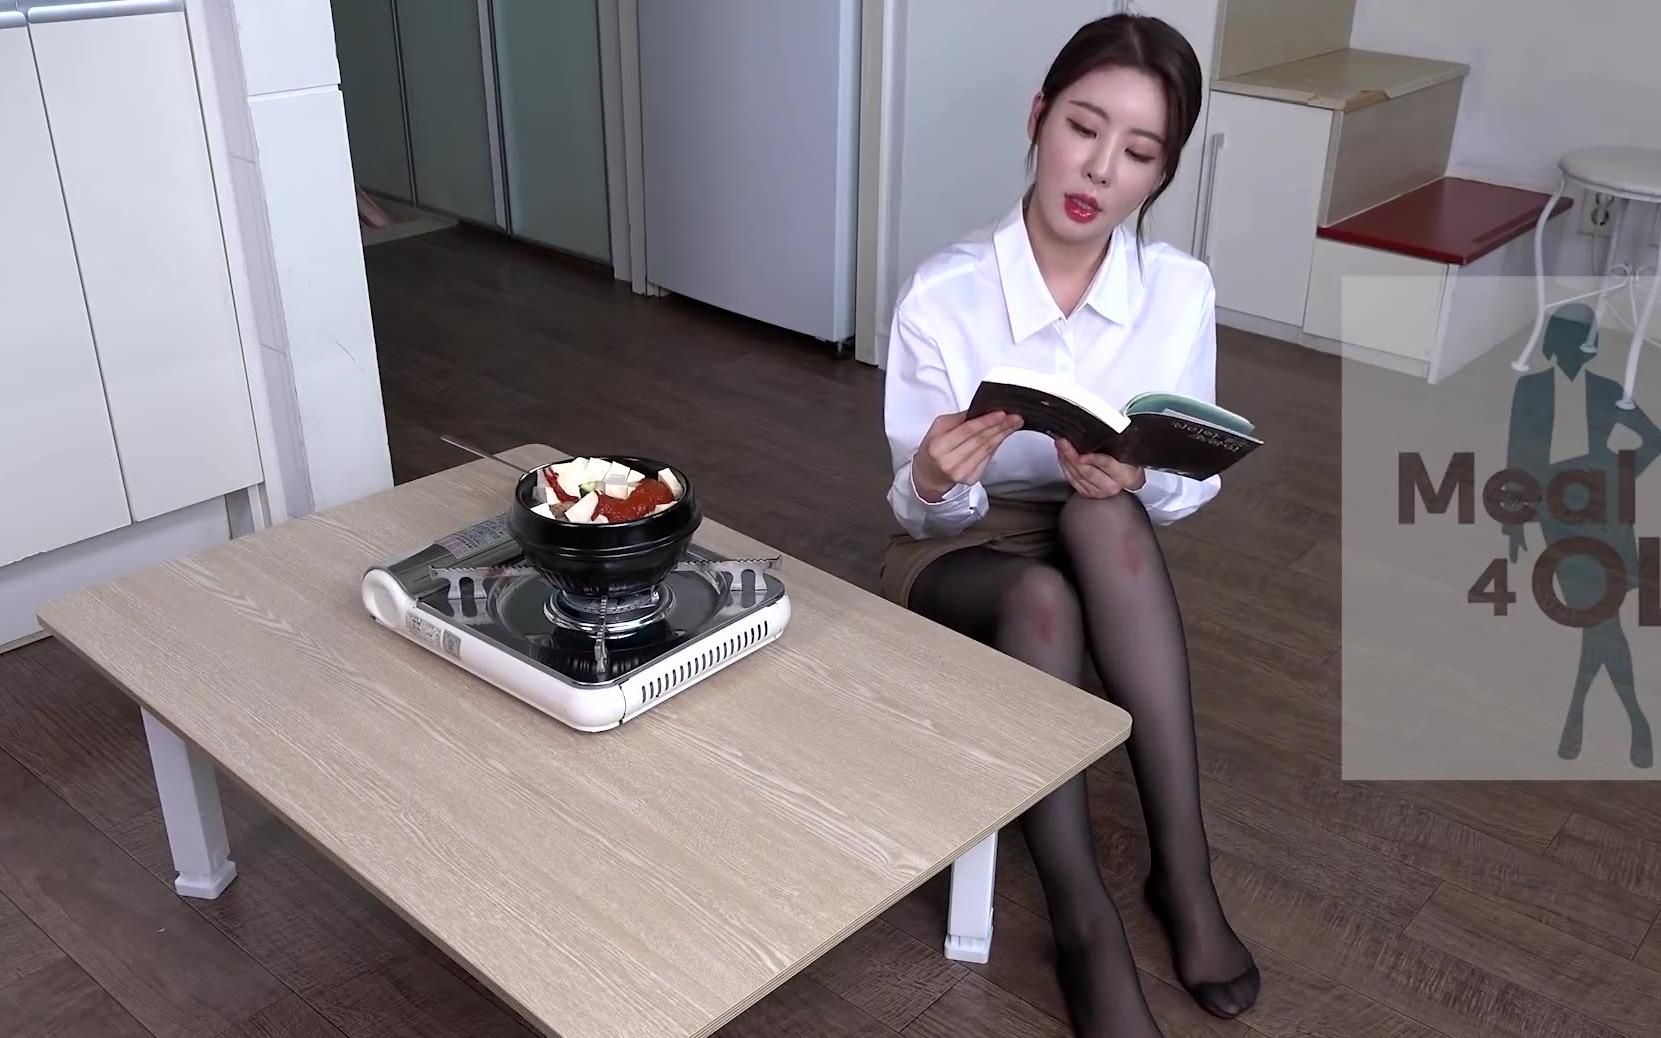 黑丝OL的下班生活S5~清鞠酱一人餐,和小姐姐一起吃饭啦